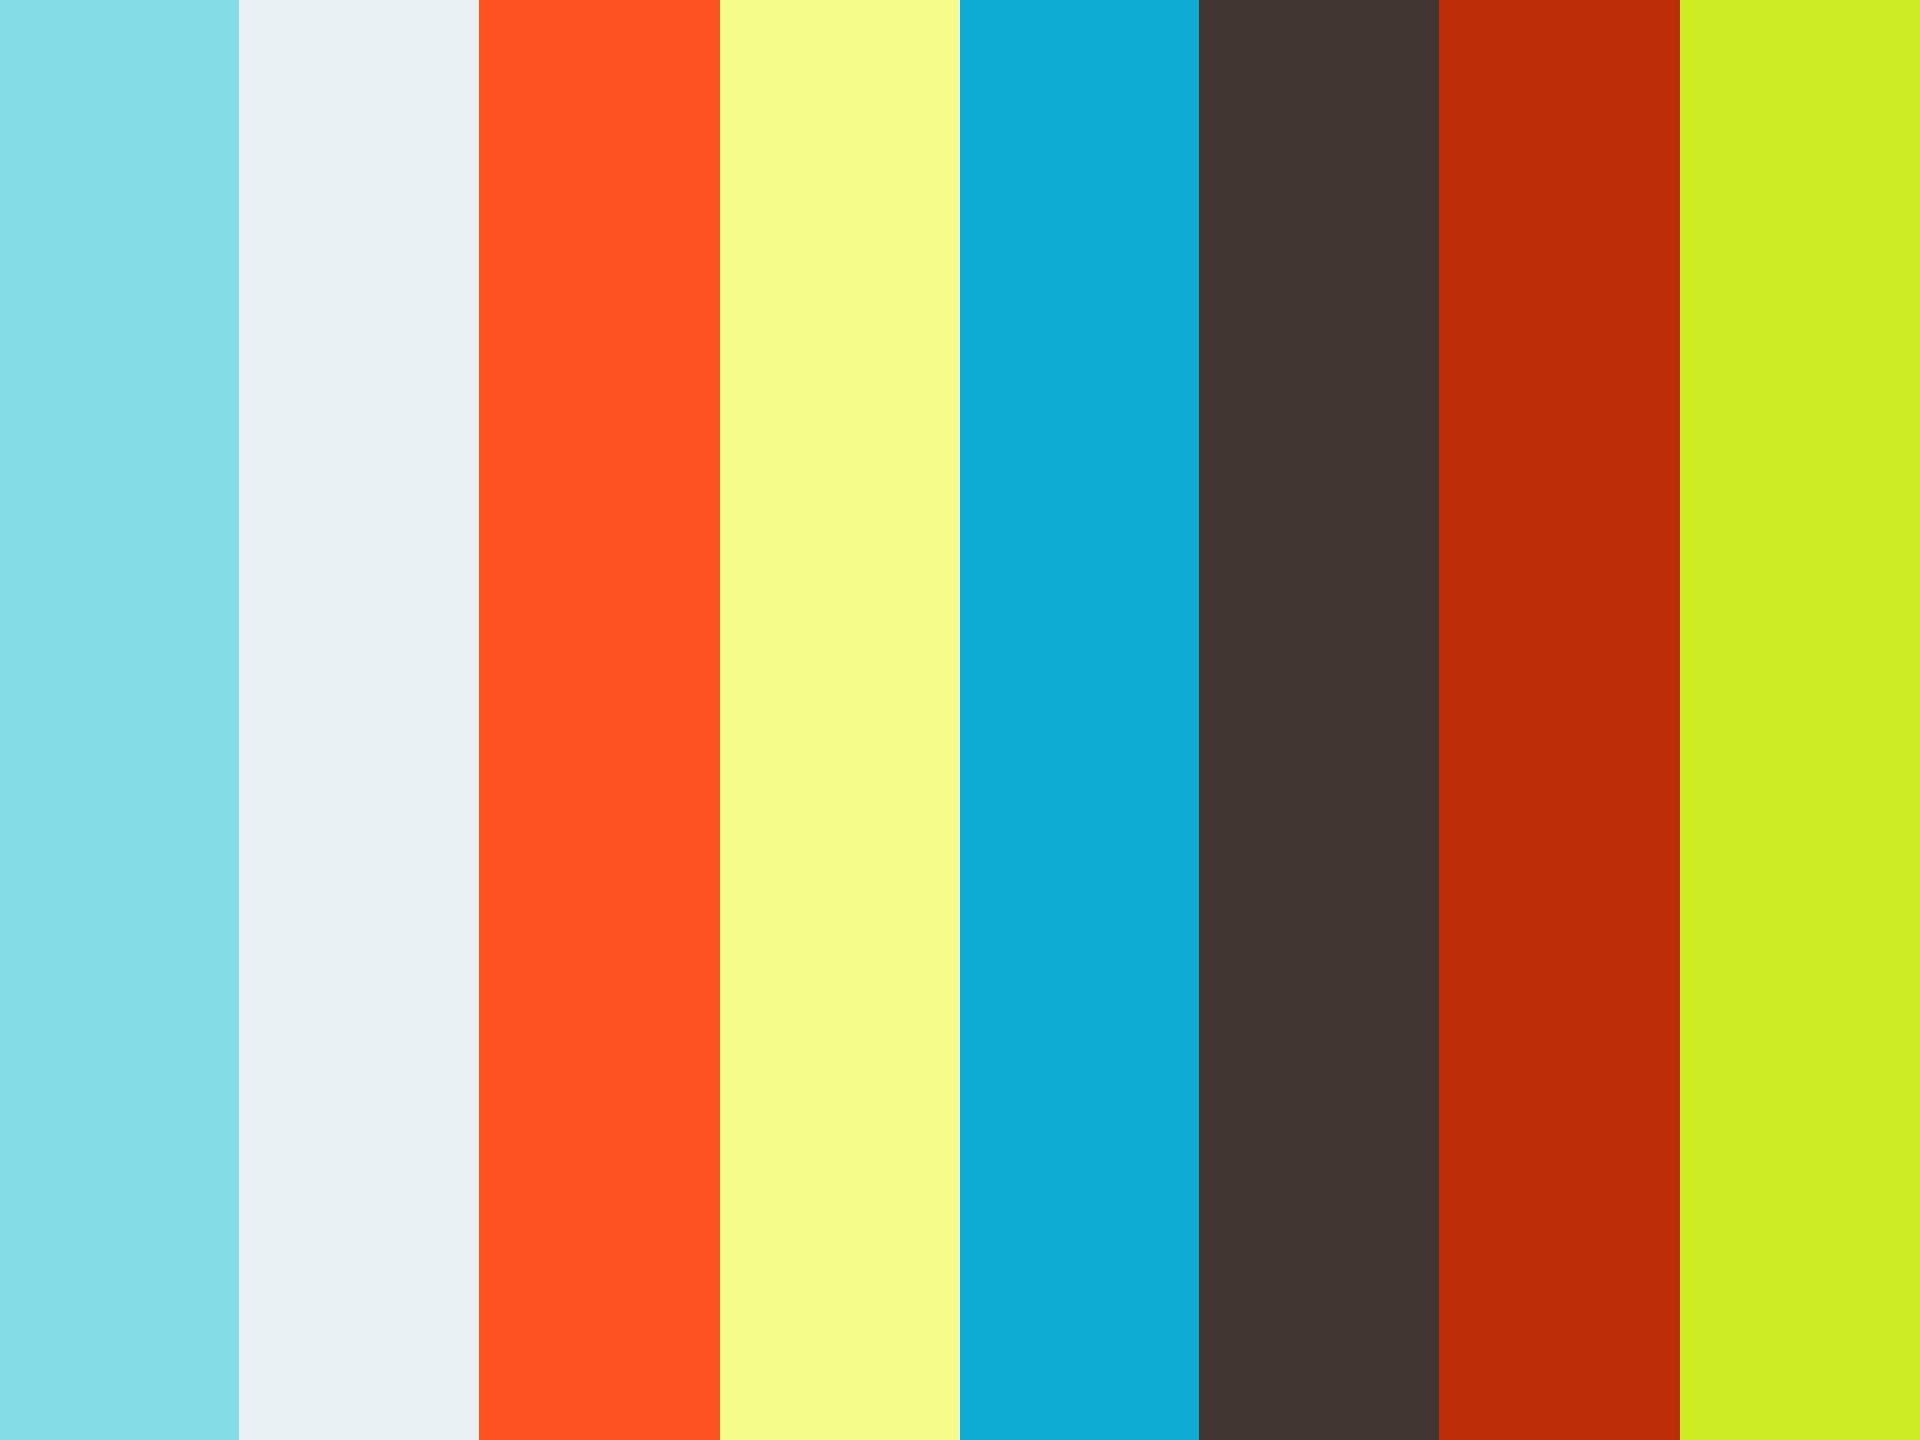 【シリーズ】柳沢 哲秀先生:根管処置後の補綴処置